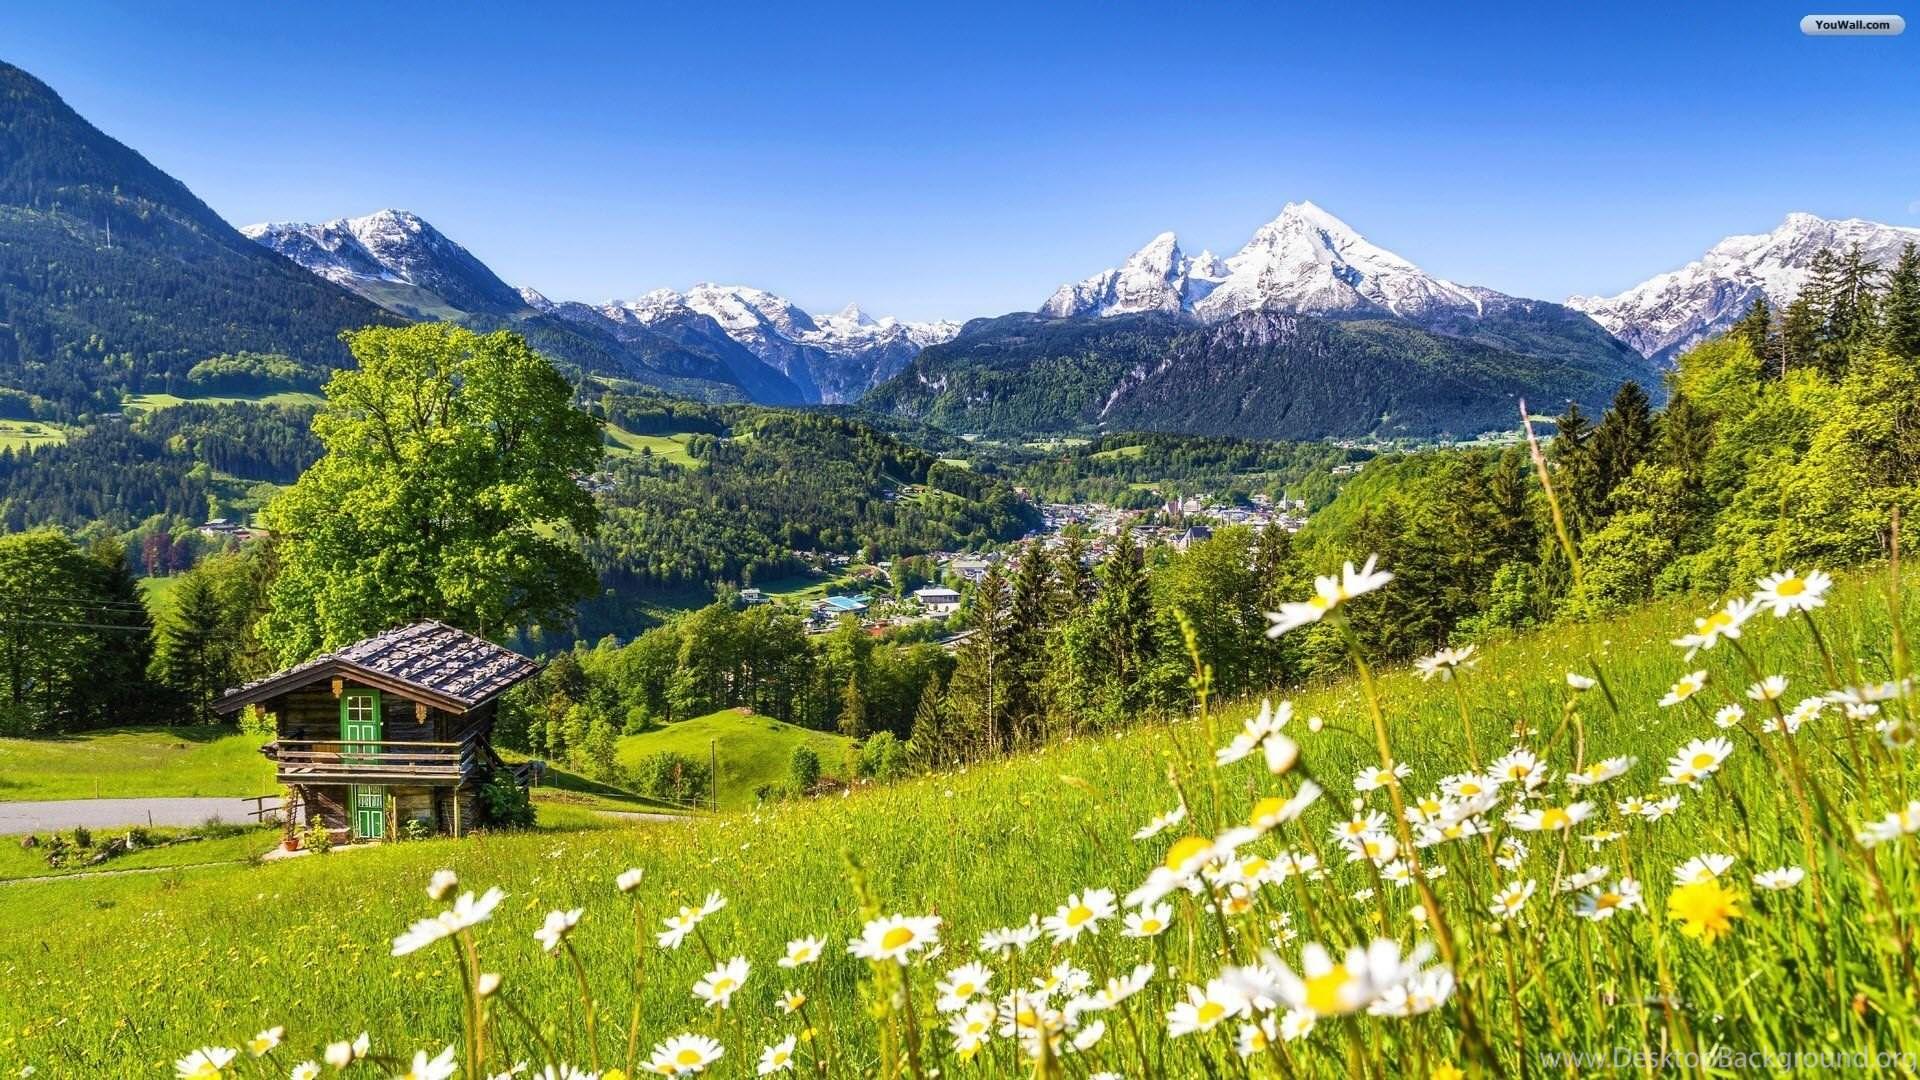 YouWall Switzerland Landscape Wallpapers Wallpaper ...